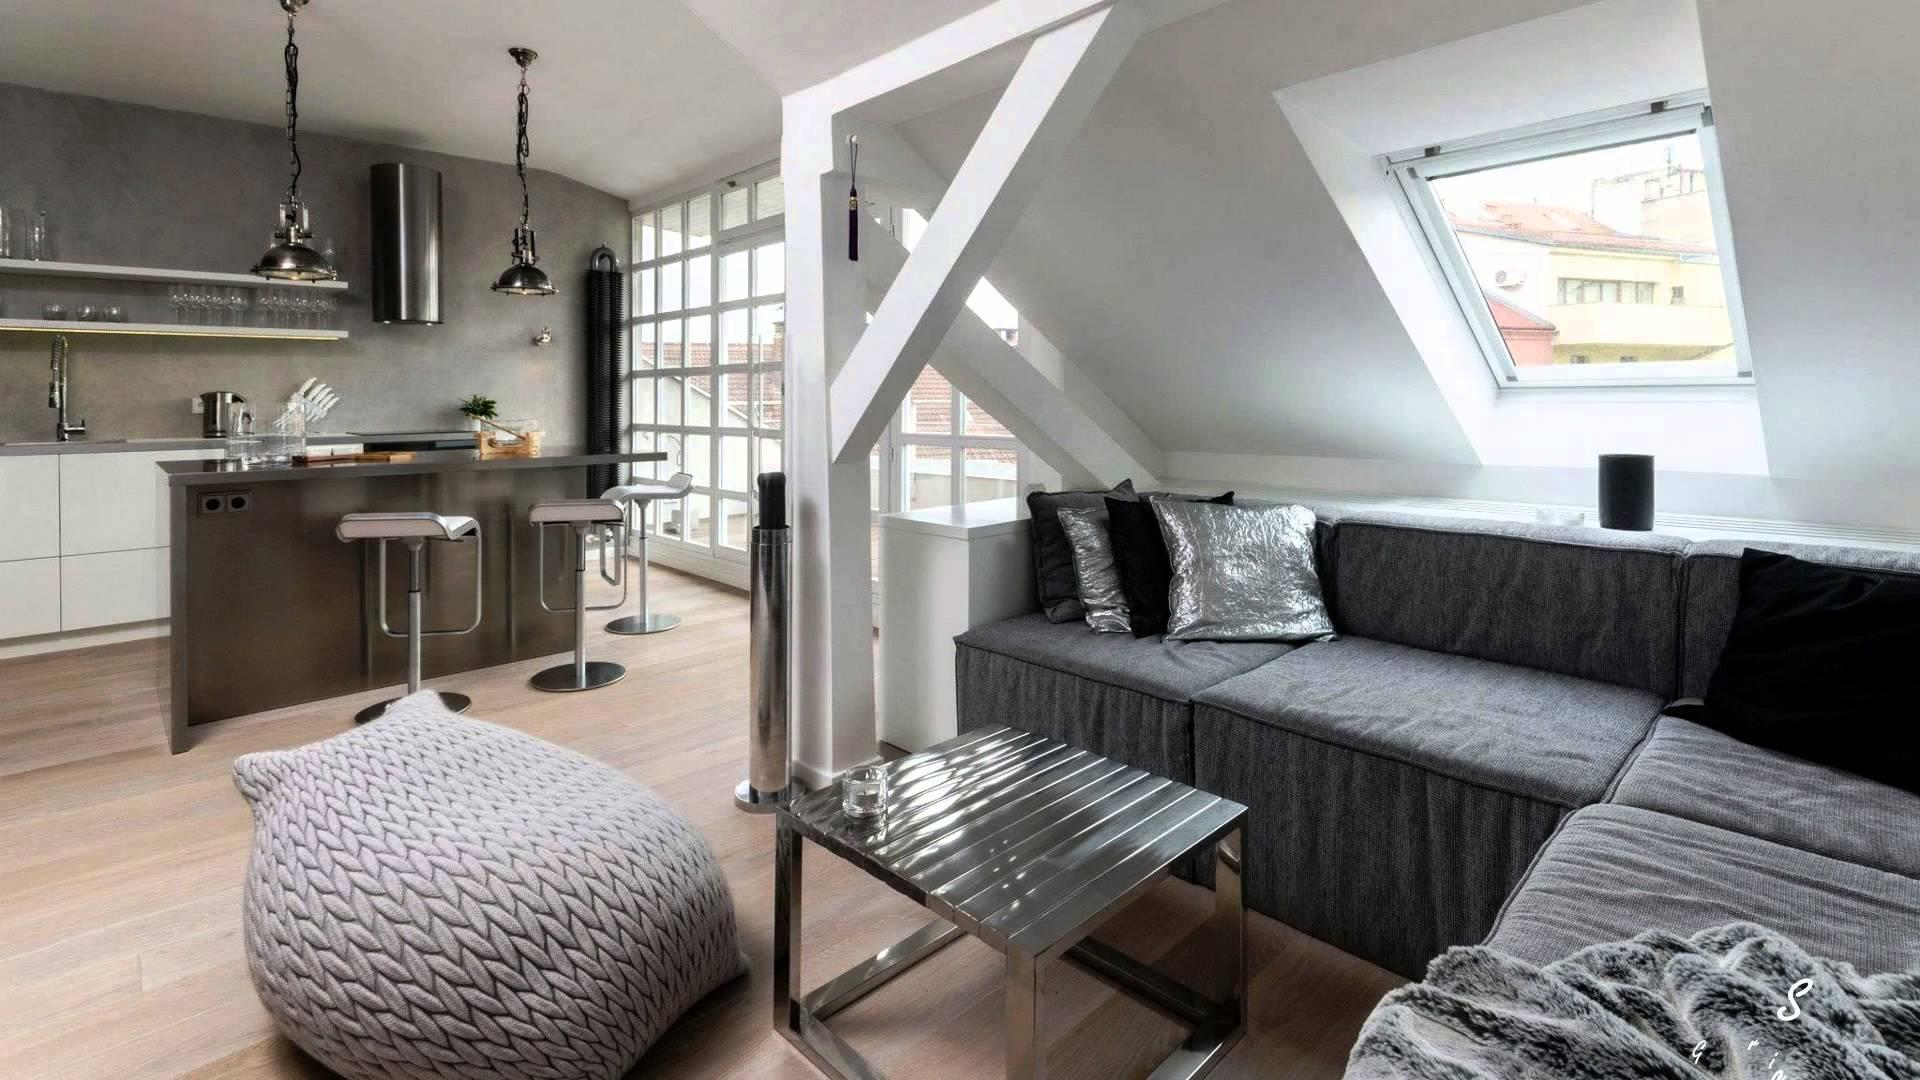 Vado a vivere da sola: come arredare casa con 1000 euro e ...